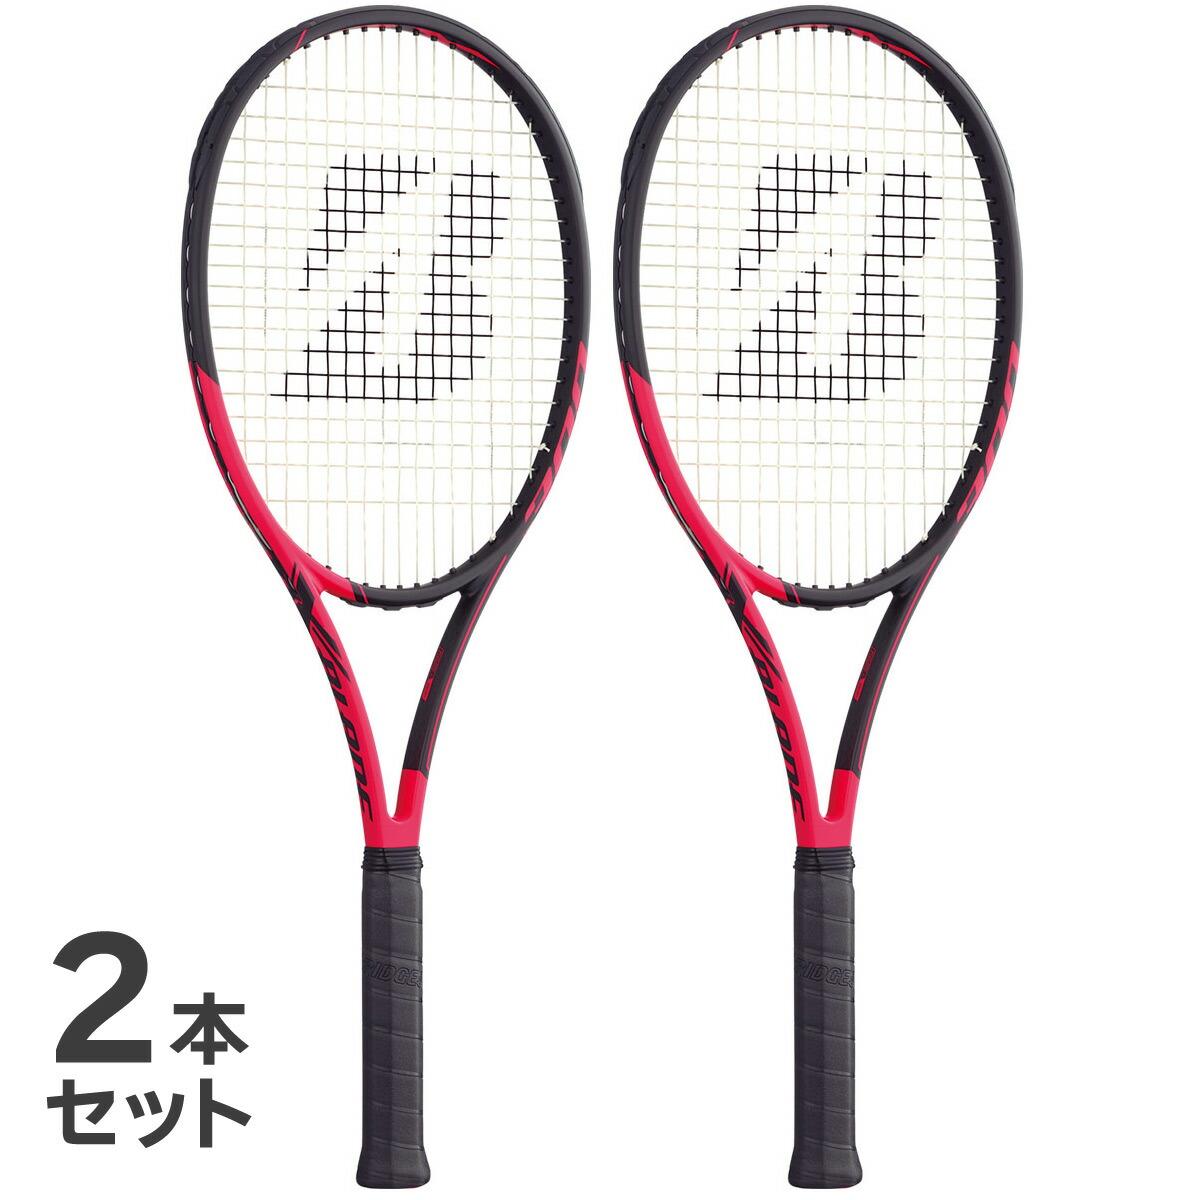 【2本セット】ブリヂストン BRIDGESTONE 硬式テニスラケット X-BLADE BX 300 エックスブレード ビーエックス 300 BRABX2 【Tシャツ&サコッシュプレゼント】